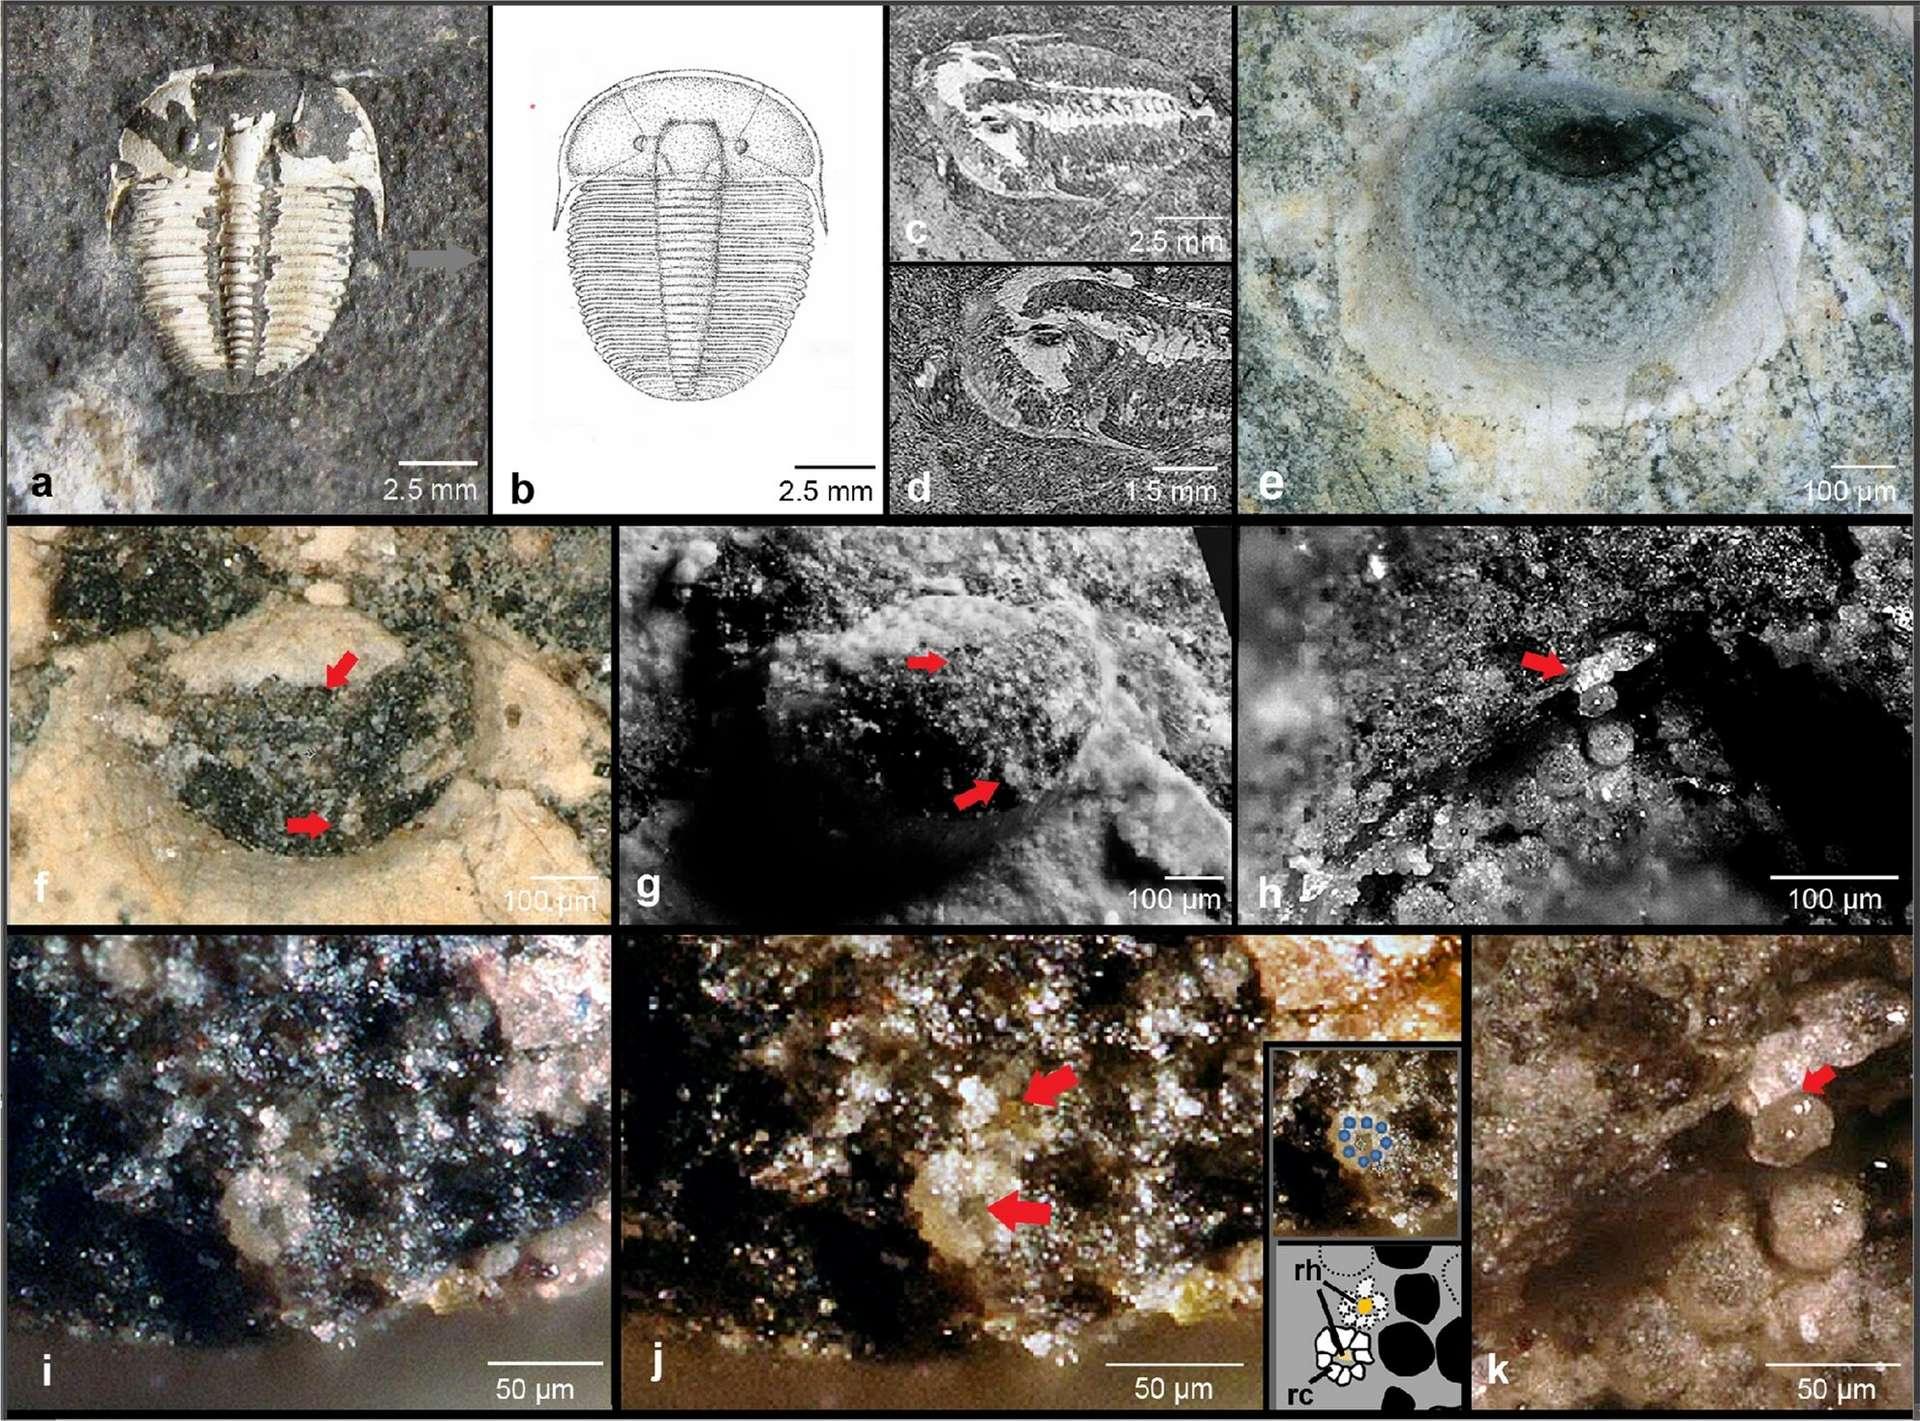 Sur les images a, b, et c se trouvent des photos et un dessin d'Aulacopleura koninckii. Sur l'image g, on observe un zoom sur le céphalon, c'est-à-dire la tête du trilobite. Ensuite, sur les images e, f, et g, l'œil est aperçu sous différents angles. Les flèches rouges indiquant les unités visuelles. Tandis que l'image h représente une unité visuelle individuelle, et l'image k (la dernière) une unité visuelle fossilisée, où la flèche rouge pointe un cône cristallin hypothétique. Au milieu, les images i et j montrent chacune une rosette formée par les fossiles des cellules réceptrices. © Brigitte Schoenemann & Euan Clarkson, Scientific Reports